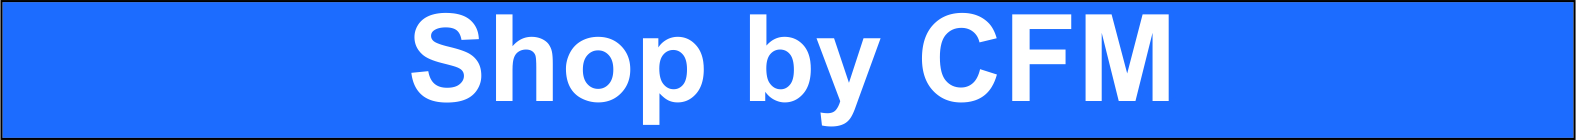 shopbycfm.jpg